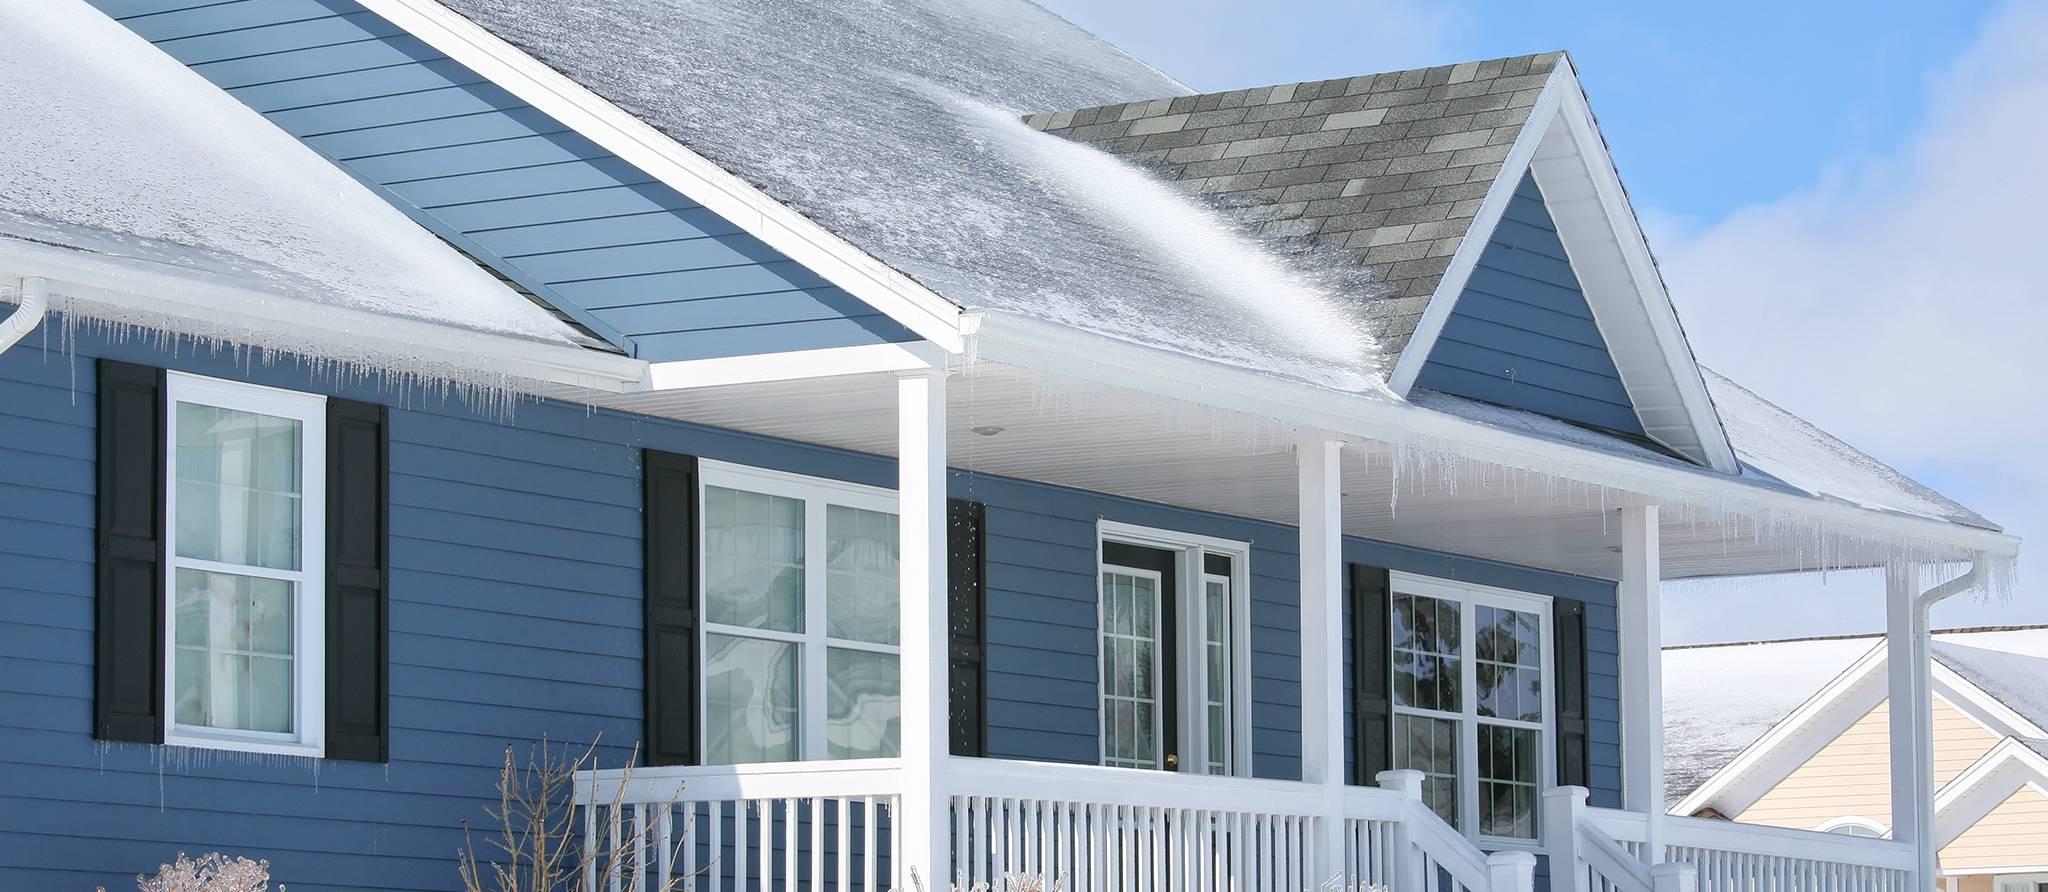 10 conseils payants pour économiser l'énergie l'hiver